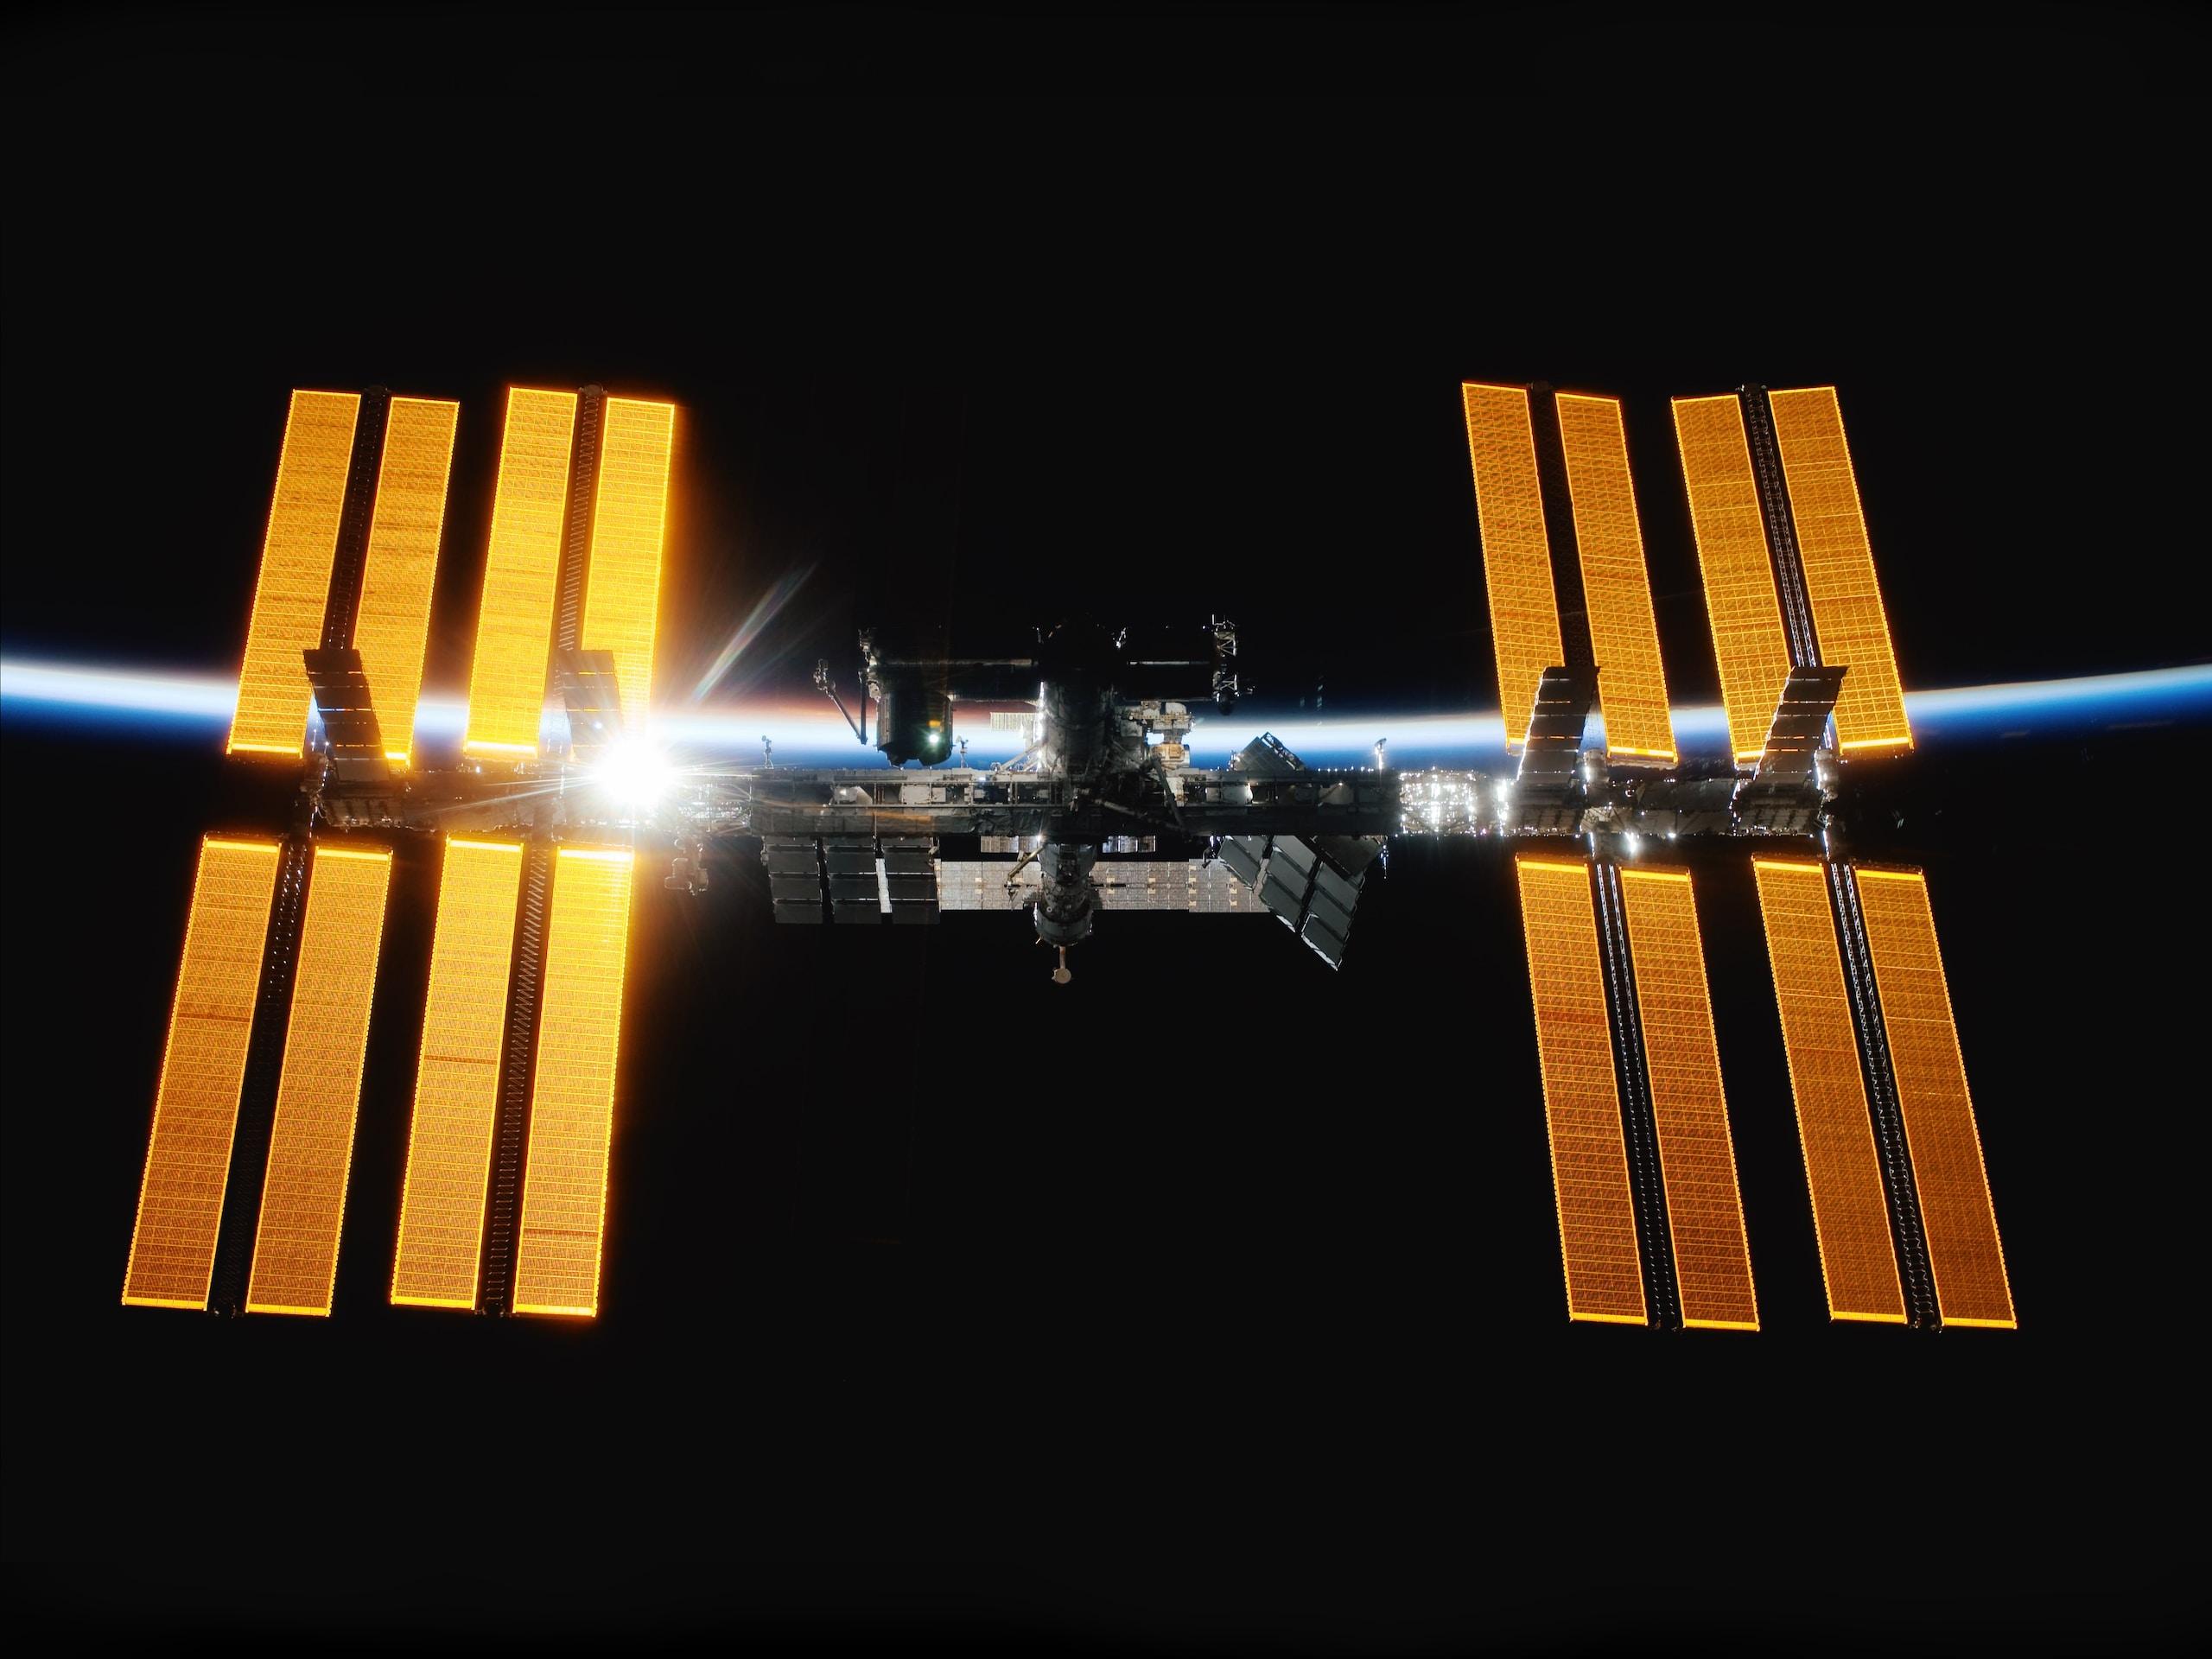 bacterias del espacio, International Space Station orbits earth